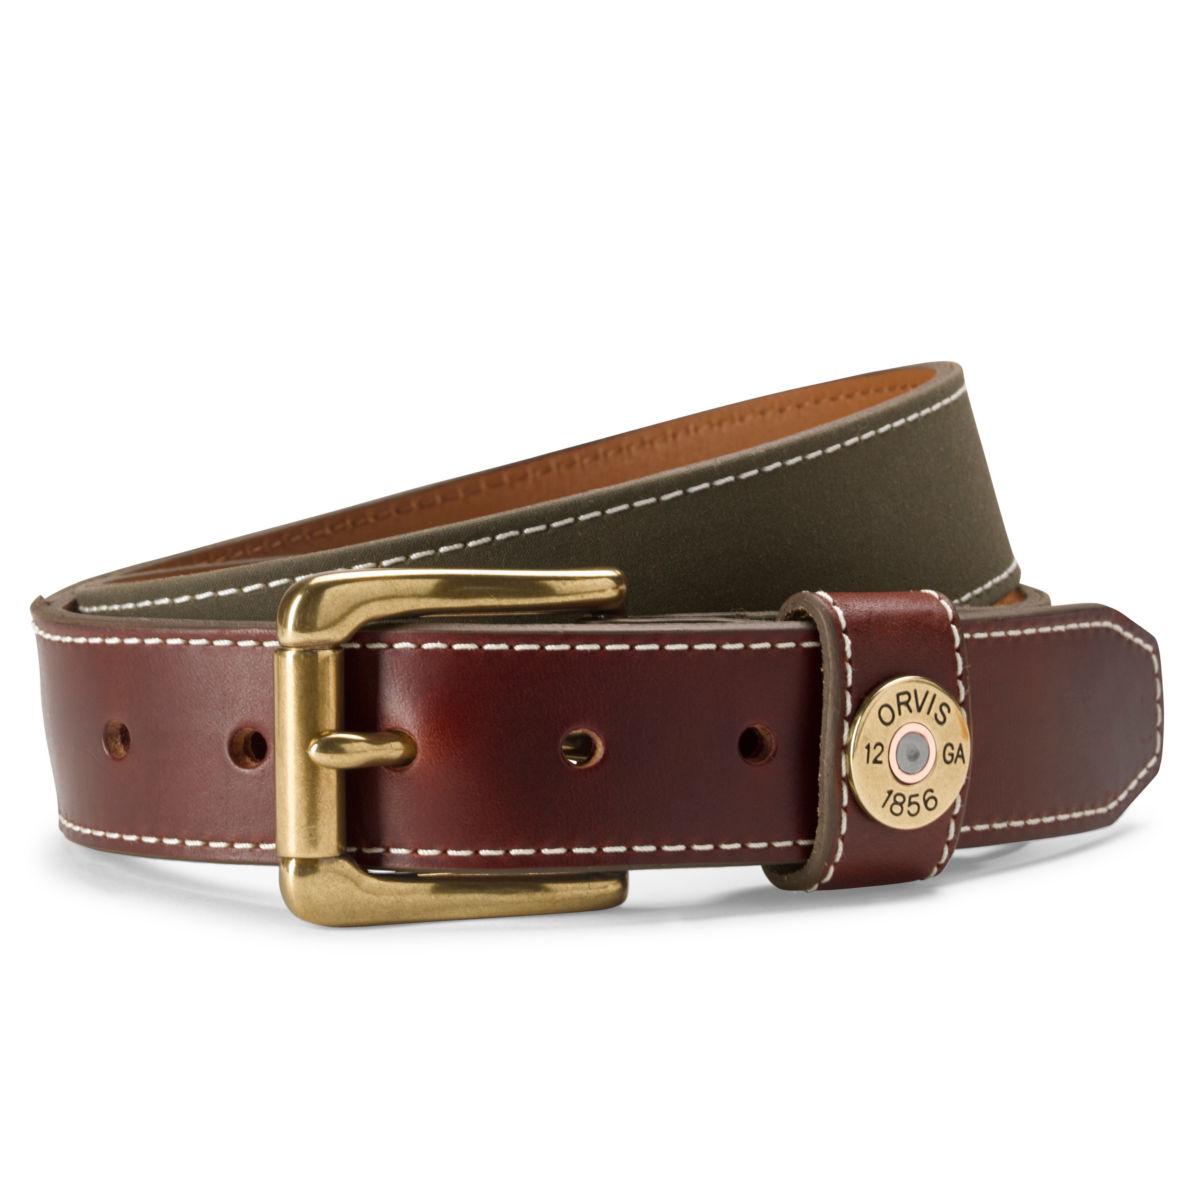 Waxed Canvas Shotshell Belt - OLIVEimage number 0